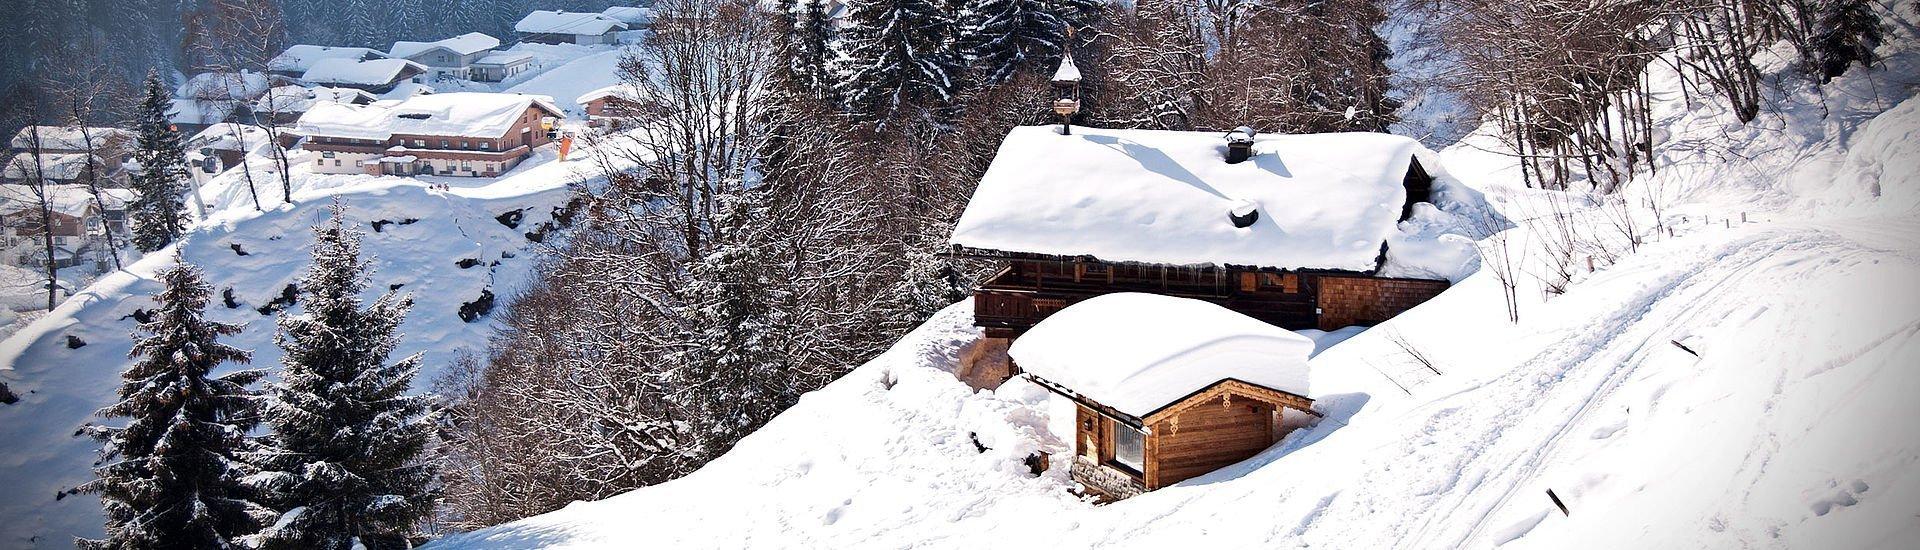 Hüttenurlaub im Winter | Saalbach Hinterglemm